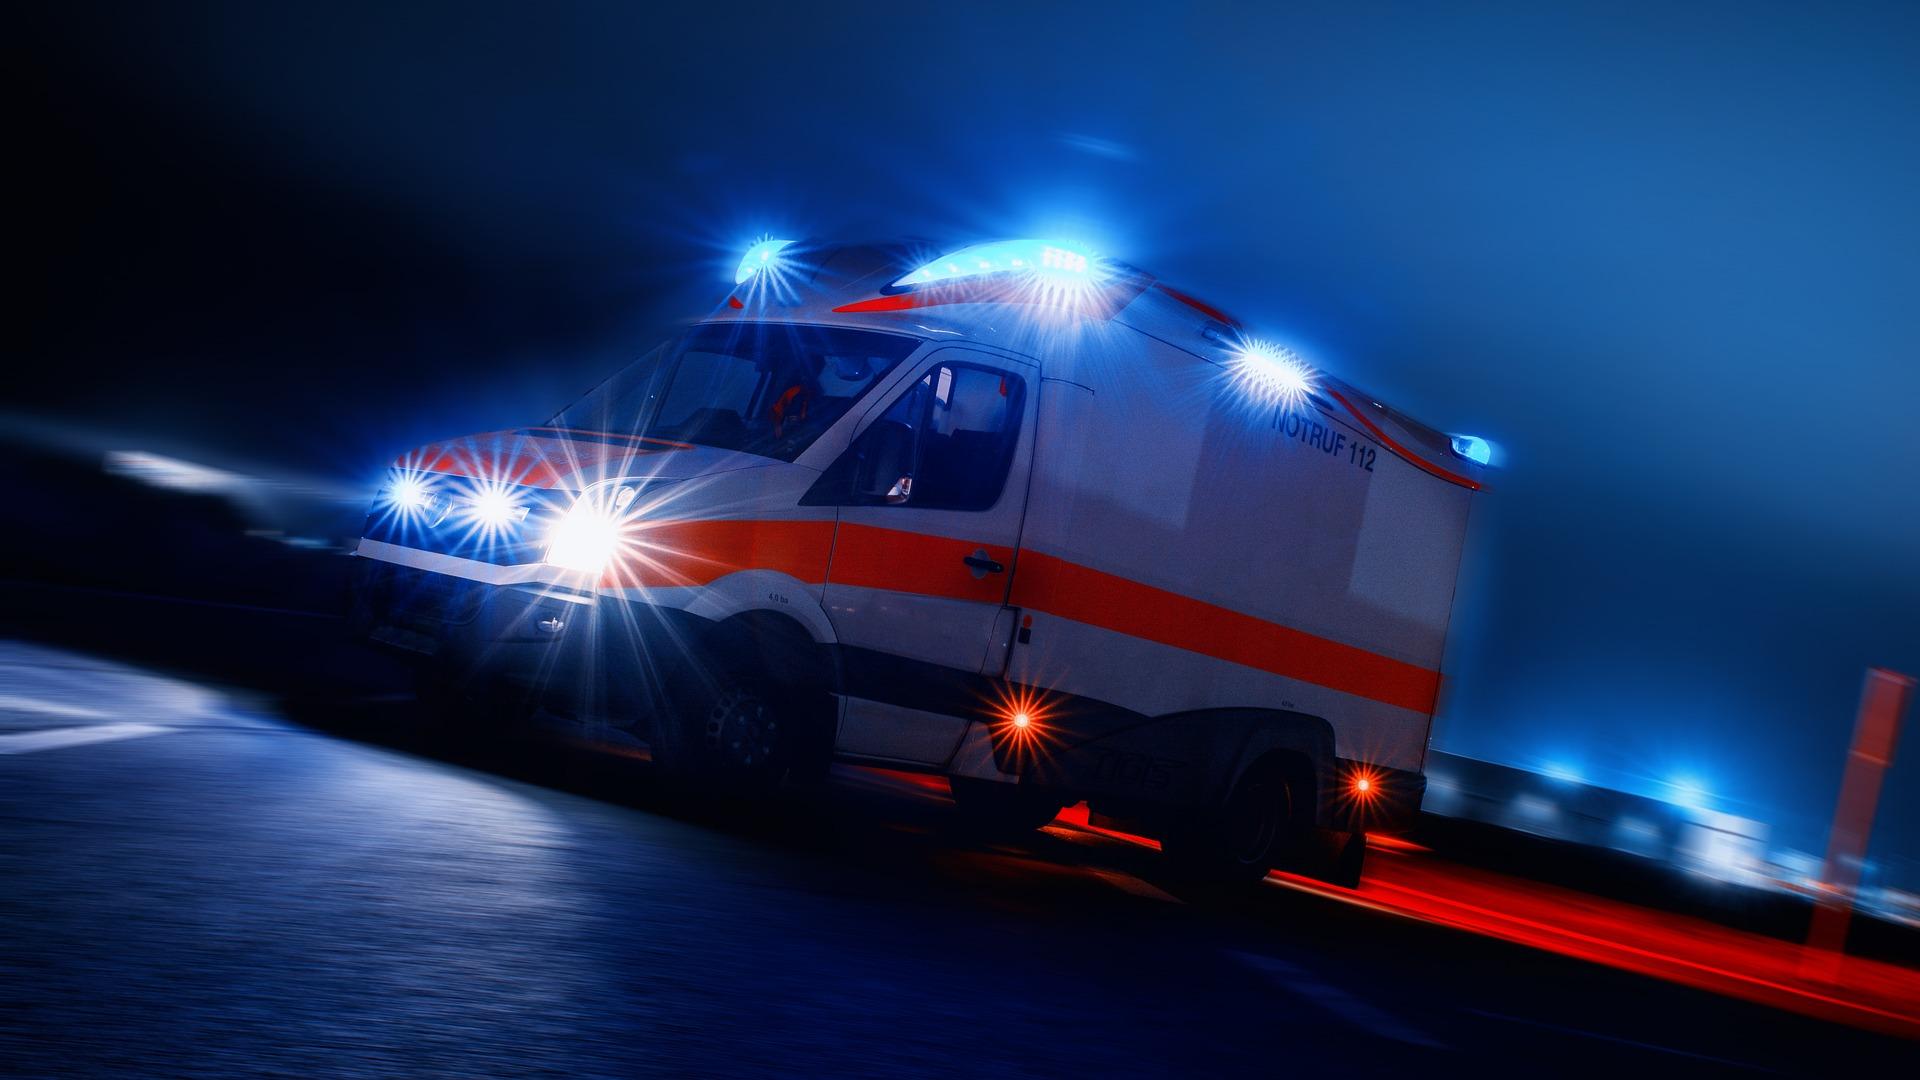 Modre luči reševalnega vozila